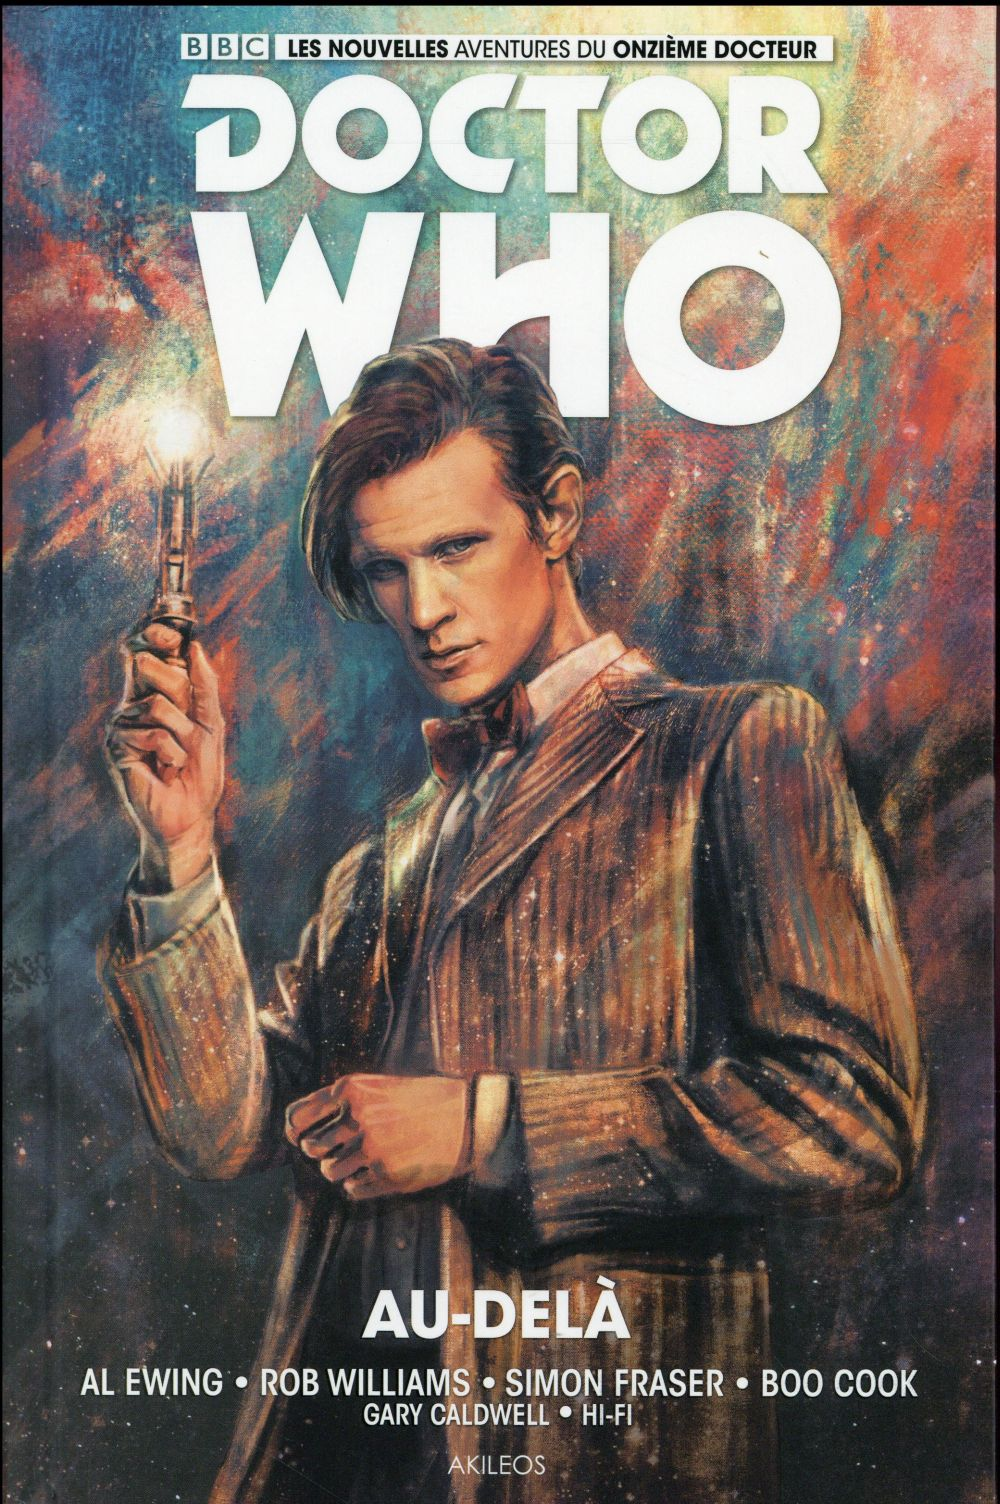 DOCTOR WHO - LE 11E DOCTEUR T1